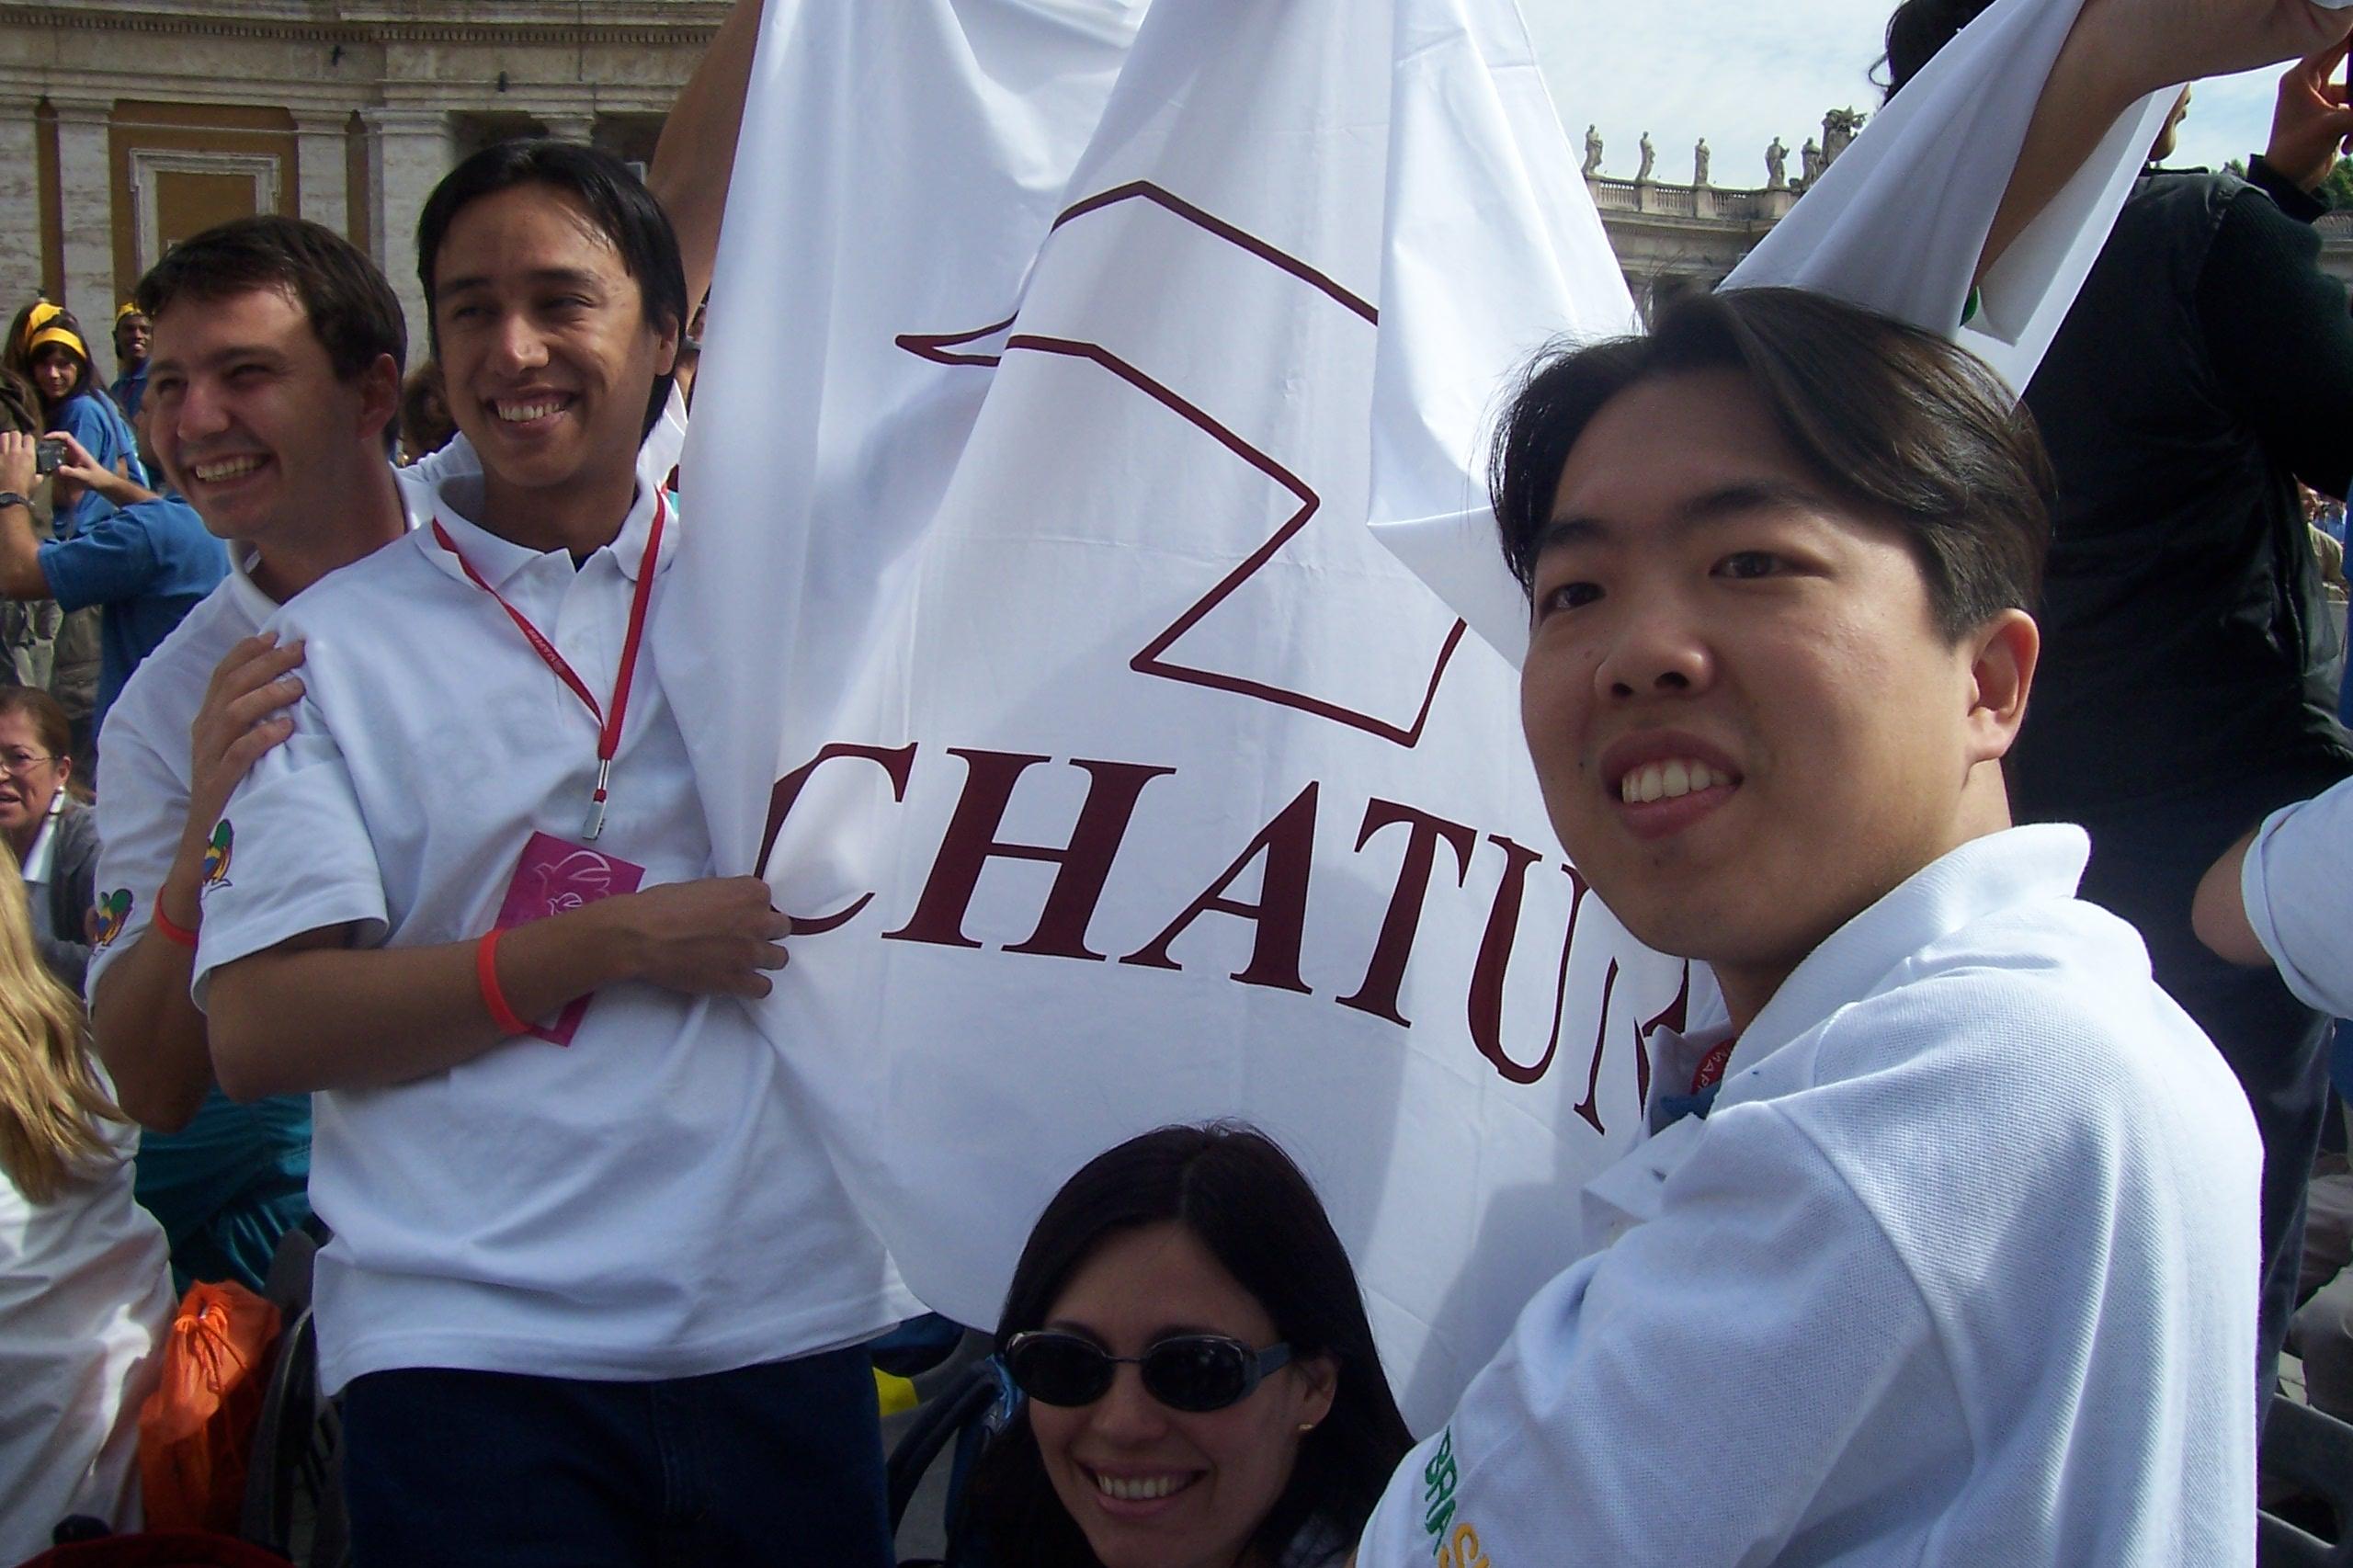 Chatunai em Roma